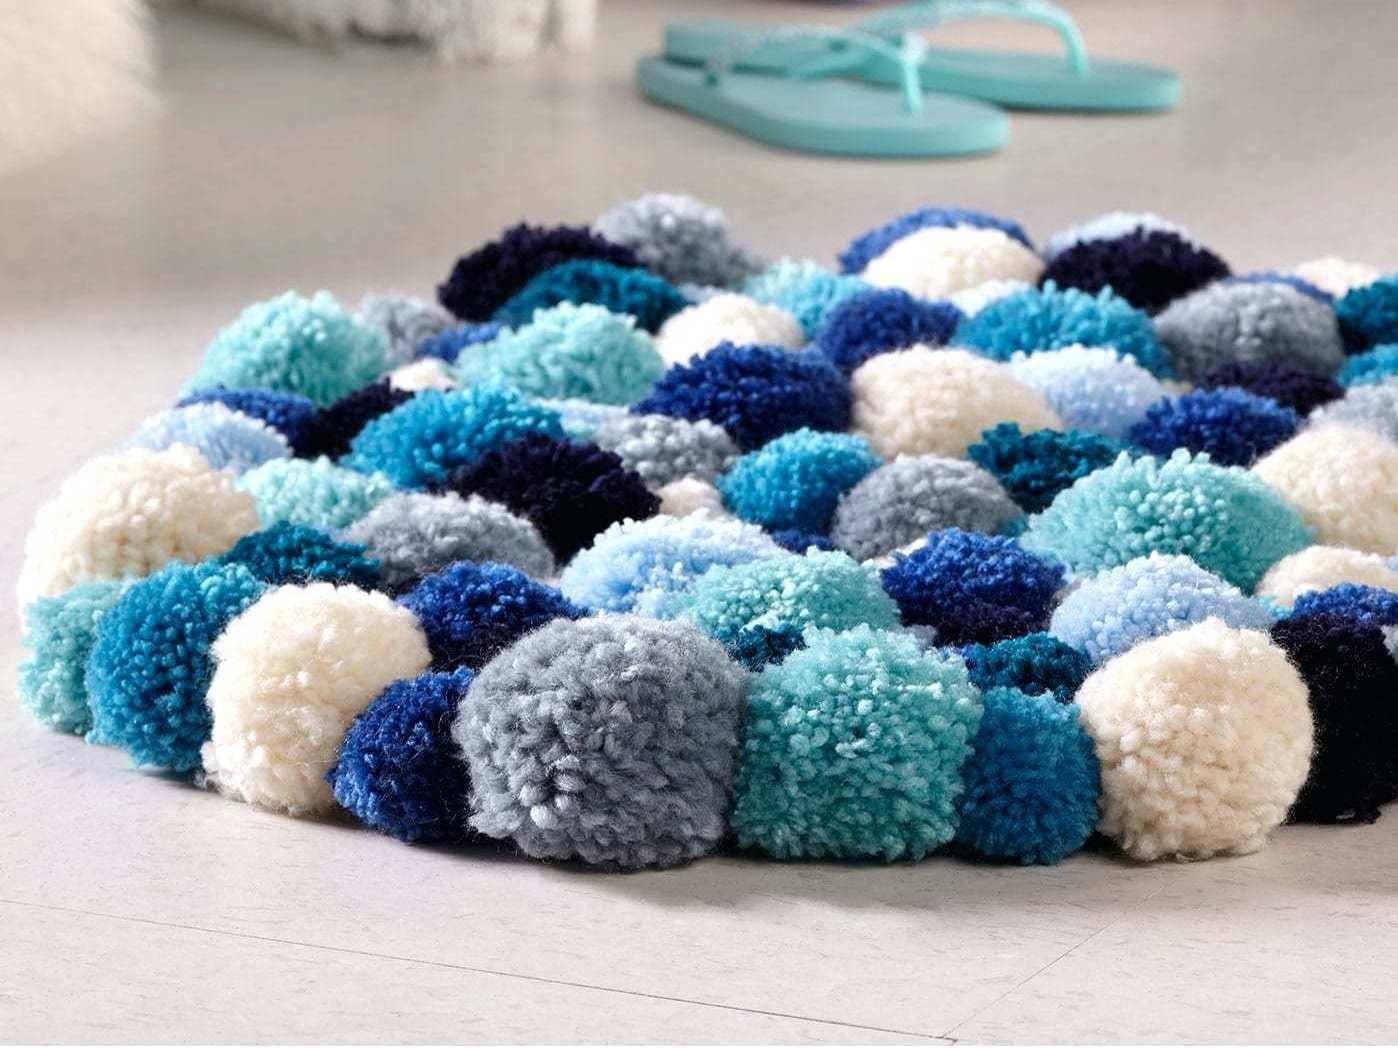 Как ухаживать за ковриком из помпонов. как сделать коврик из помпонов своими руками